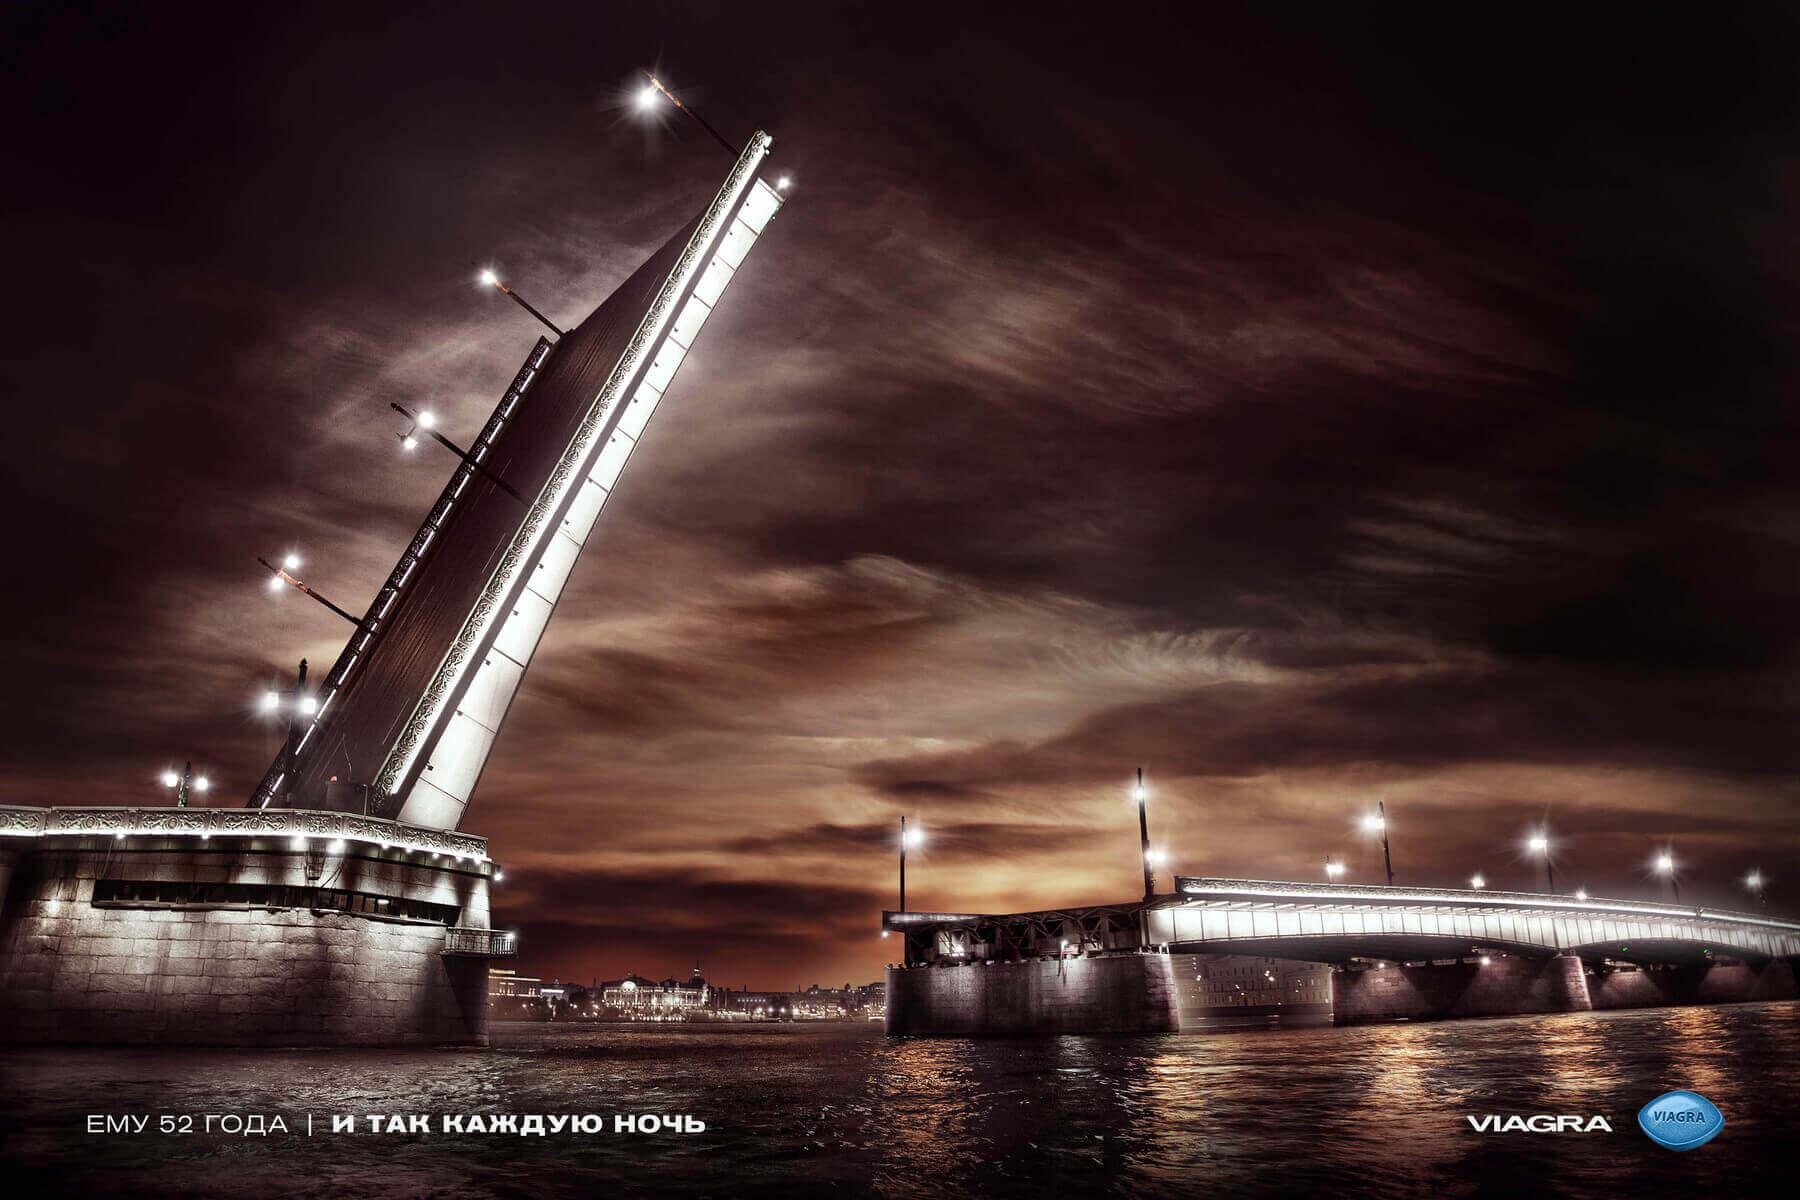 Литейный мост в Санкт-Петербурге вздымает свои могучие пролёты каждую ночь, несмотря на почтенный возраст. Стоит ли объяснять идею рекламного креатива для «Виагры» более подробно?